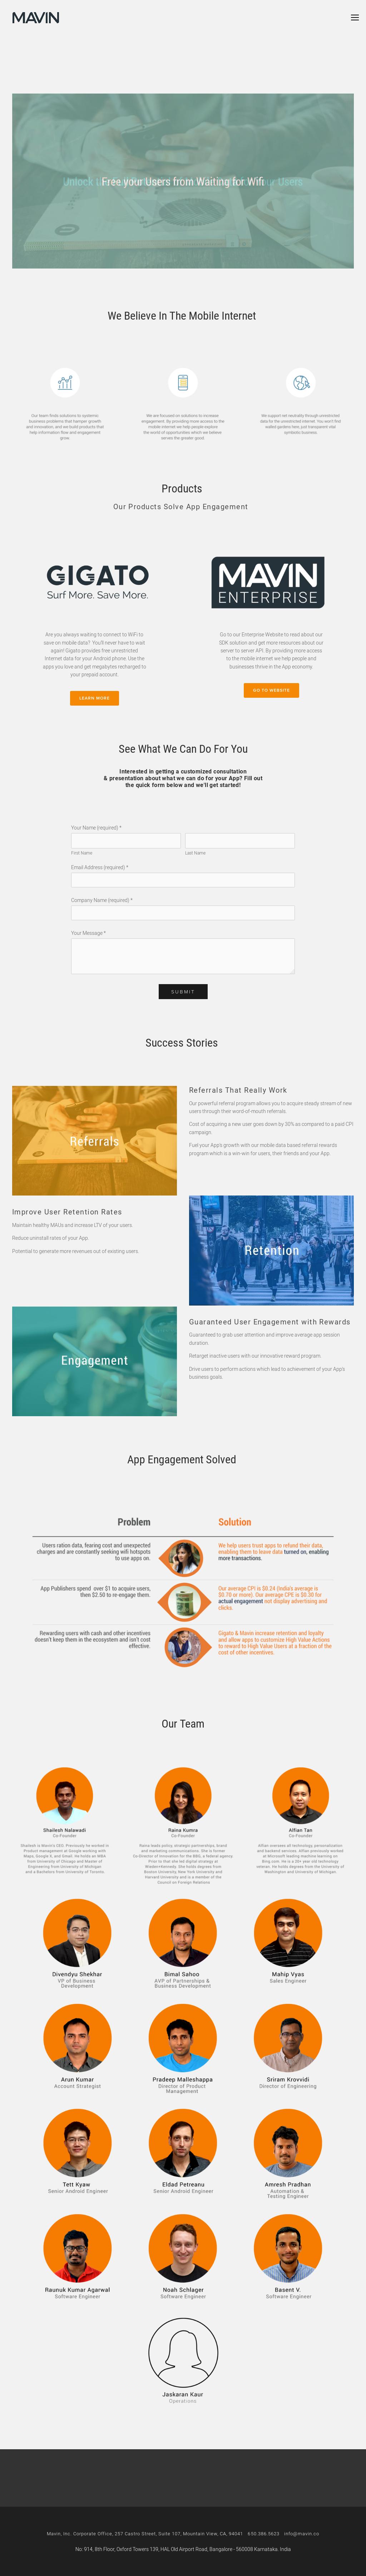 Mavin Competitors, Revenue and Employees - Owler Company Profile